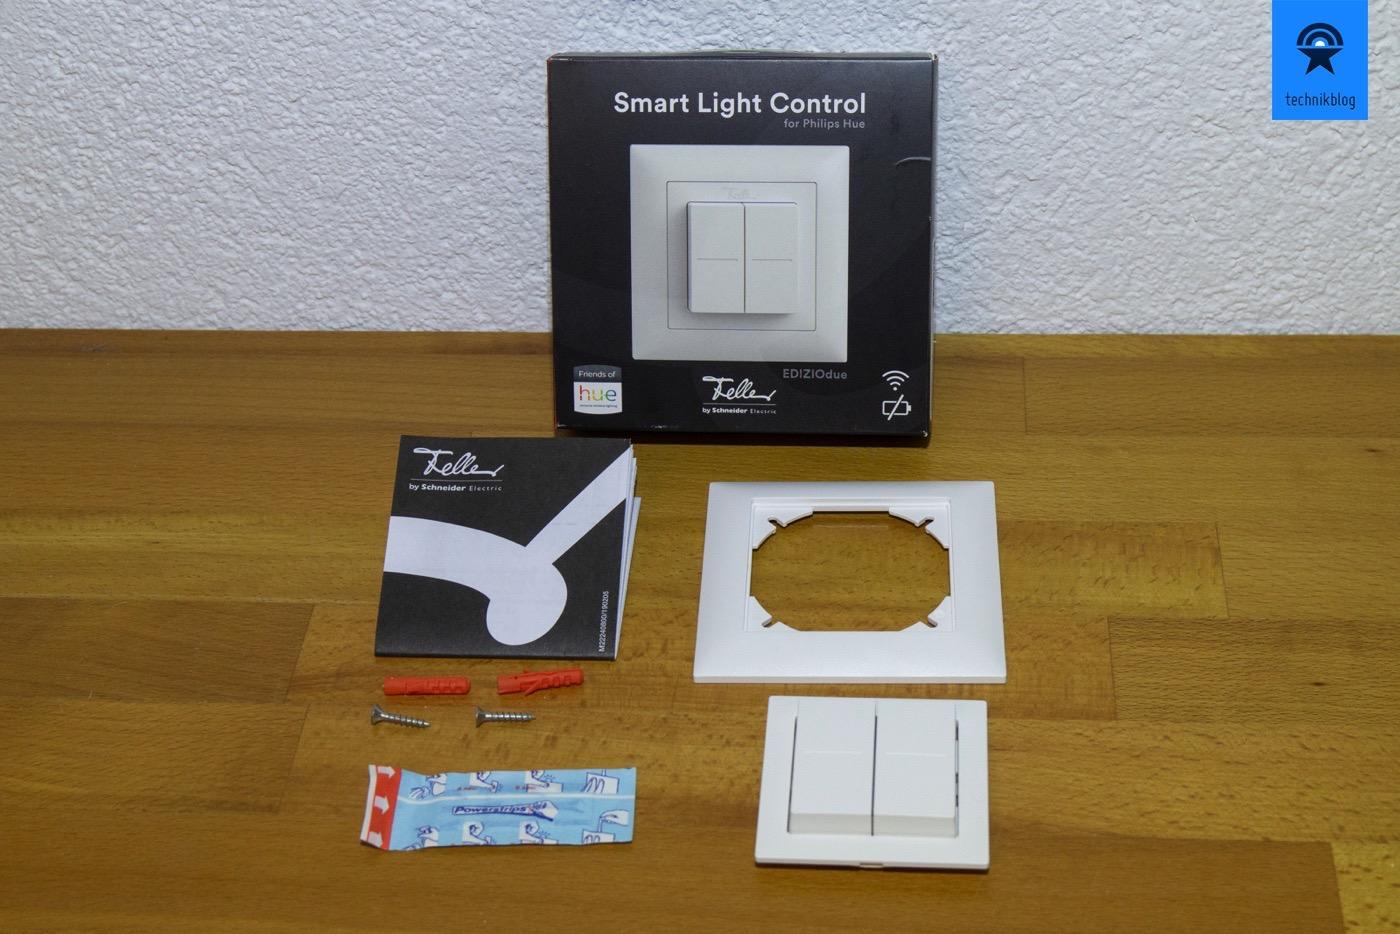 Lieferumfang des Feller Smart Light Control